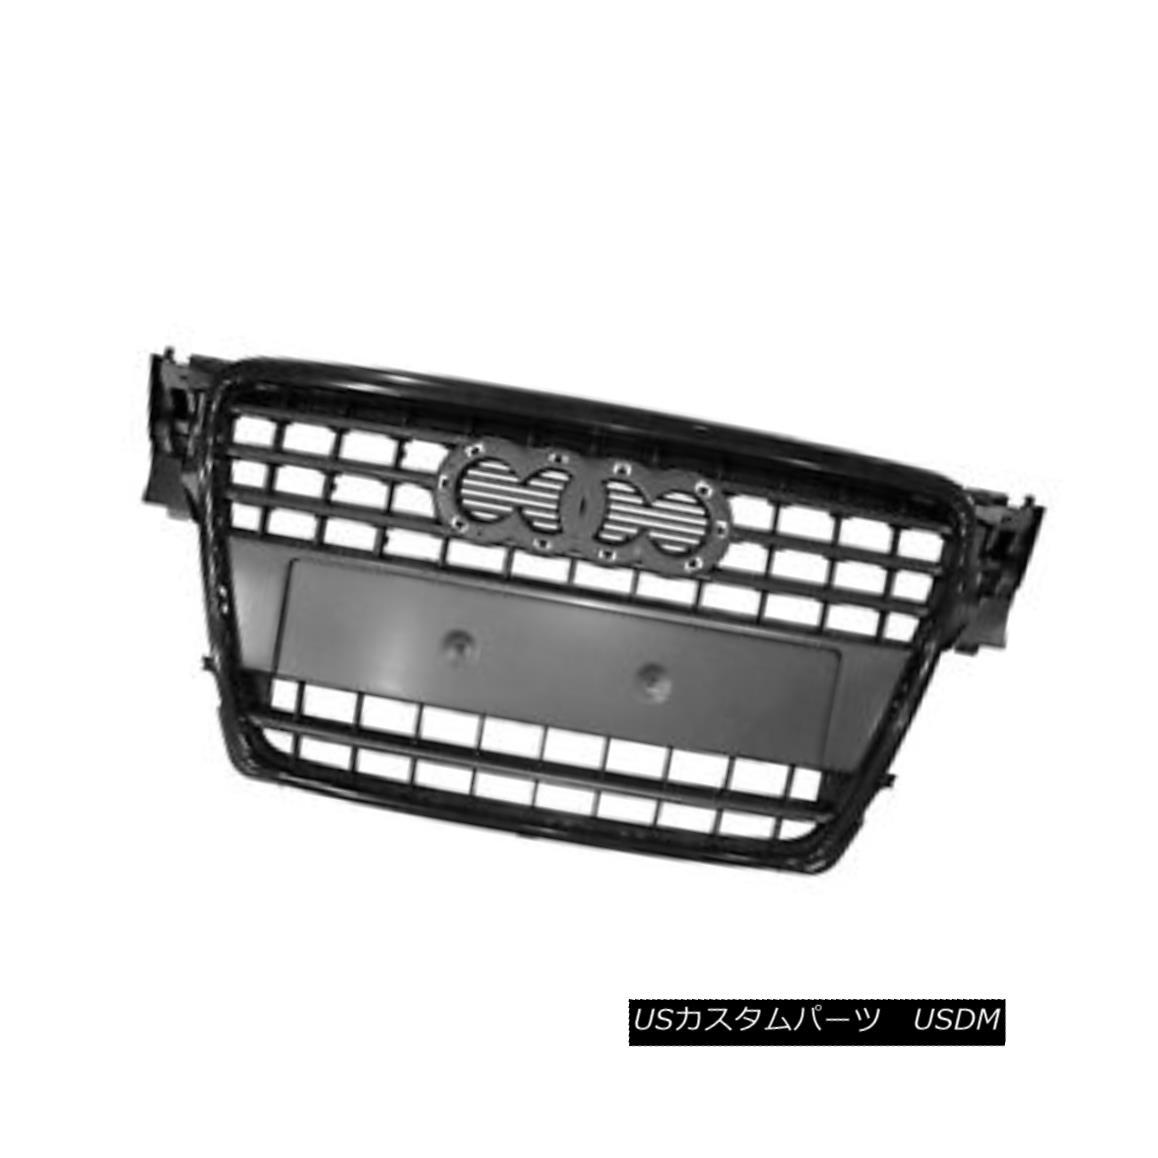 グリル Replacement Grille Black w/o Emblem for Sedan / Wagon w/Black Molding 104-50672A セダン/ワゴン/ブラックモールディングのための交換用グリルブラックw / oエンブレム104-50672A